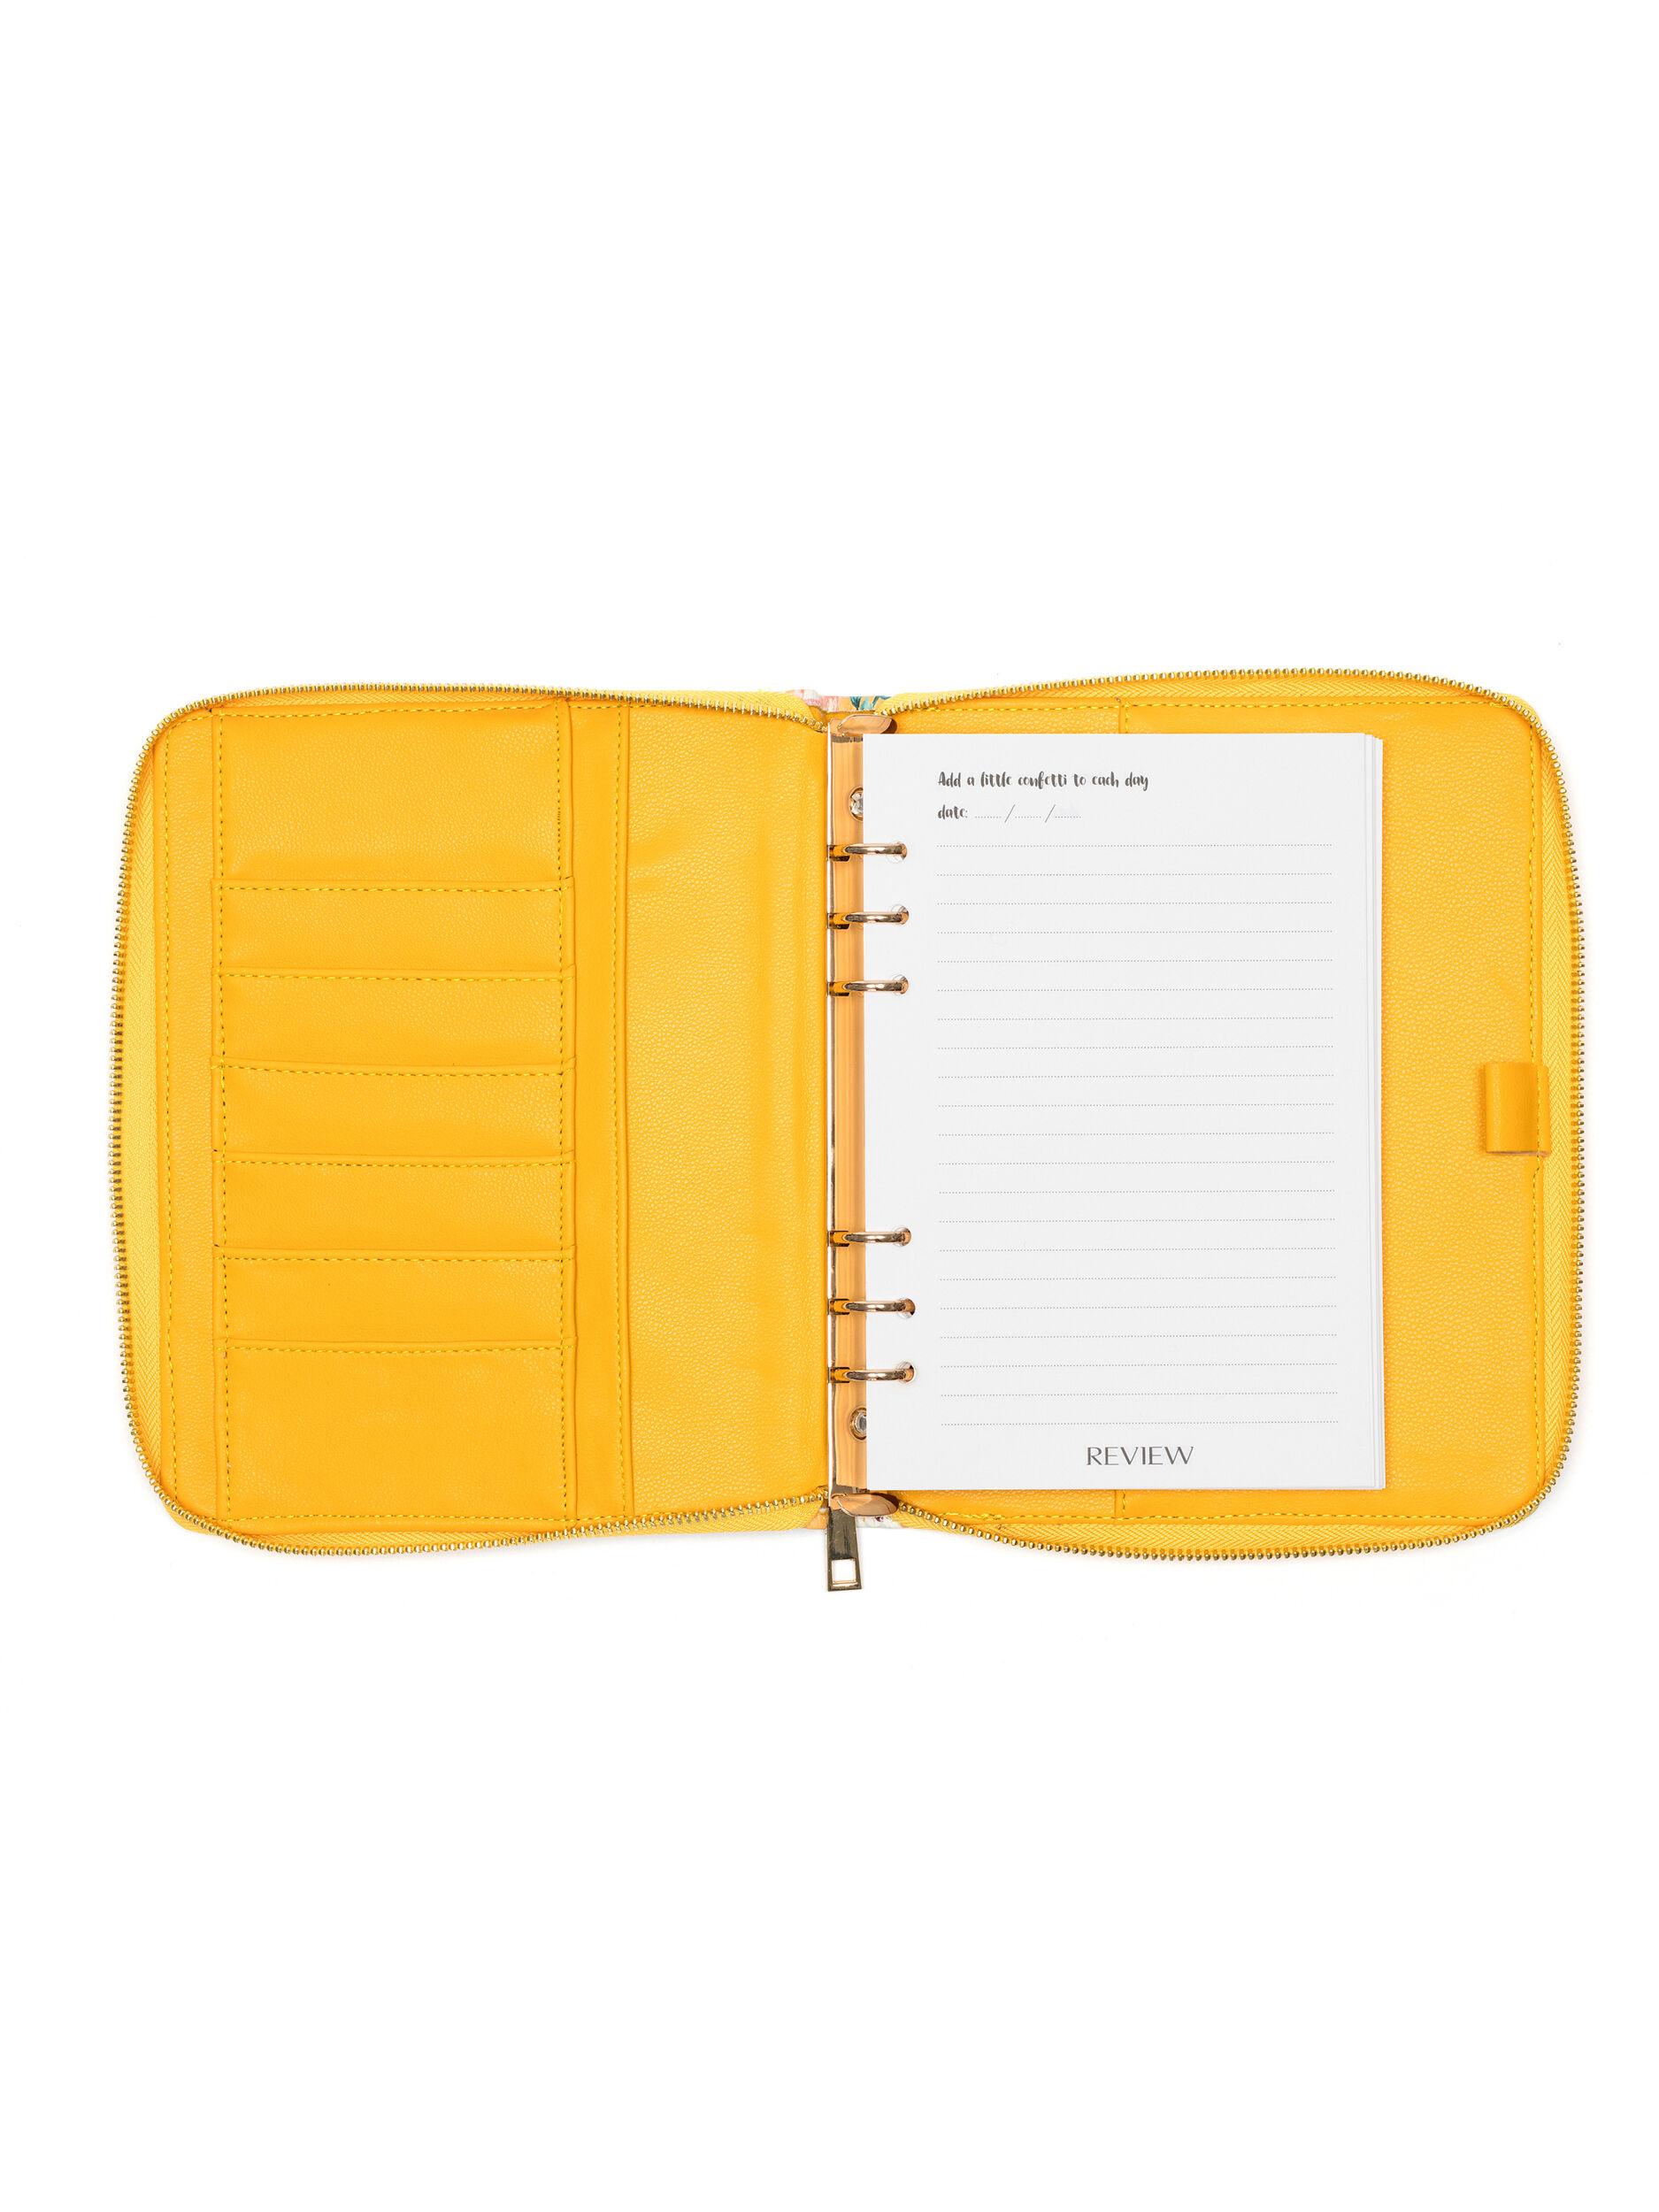 Tropicana Noteboook